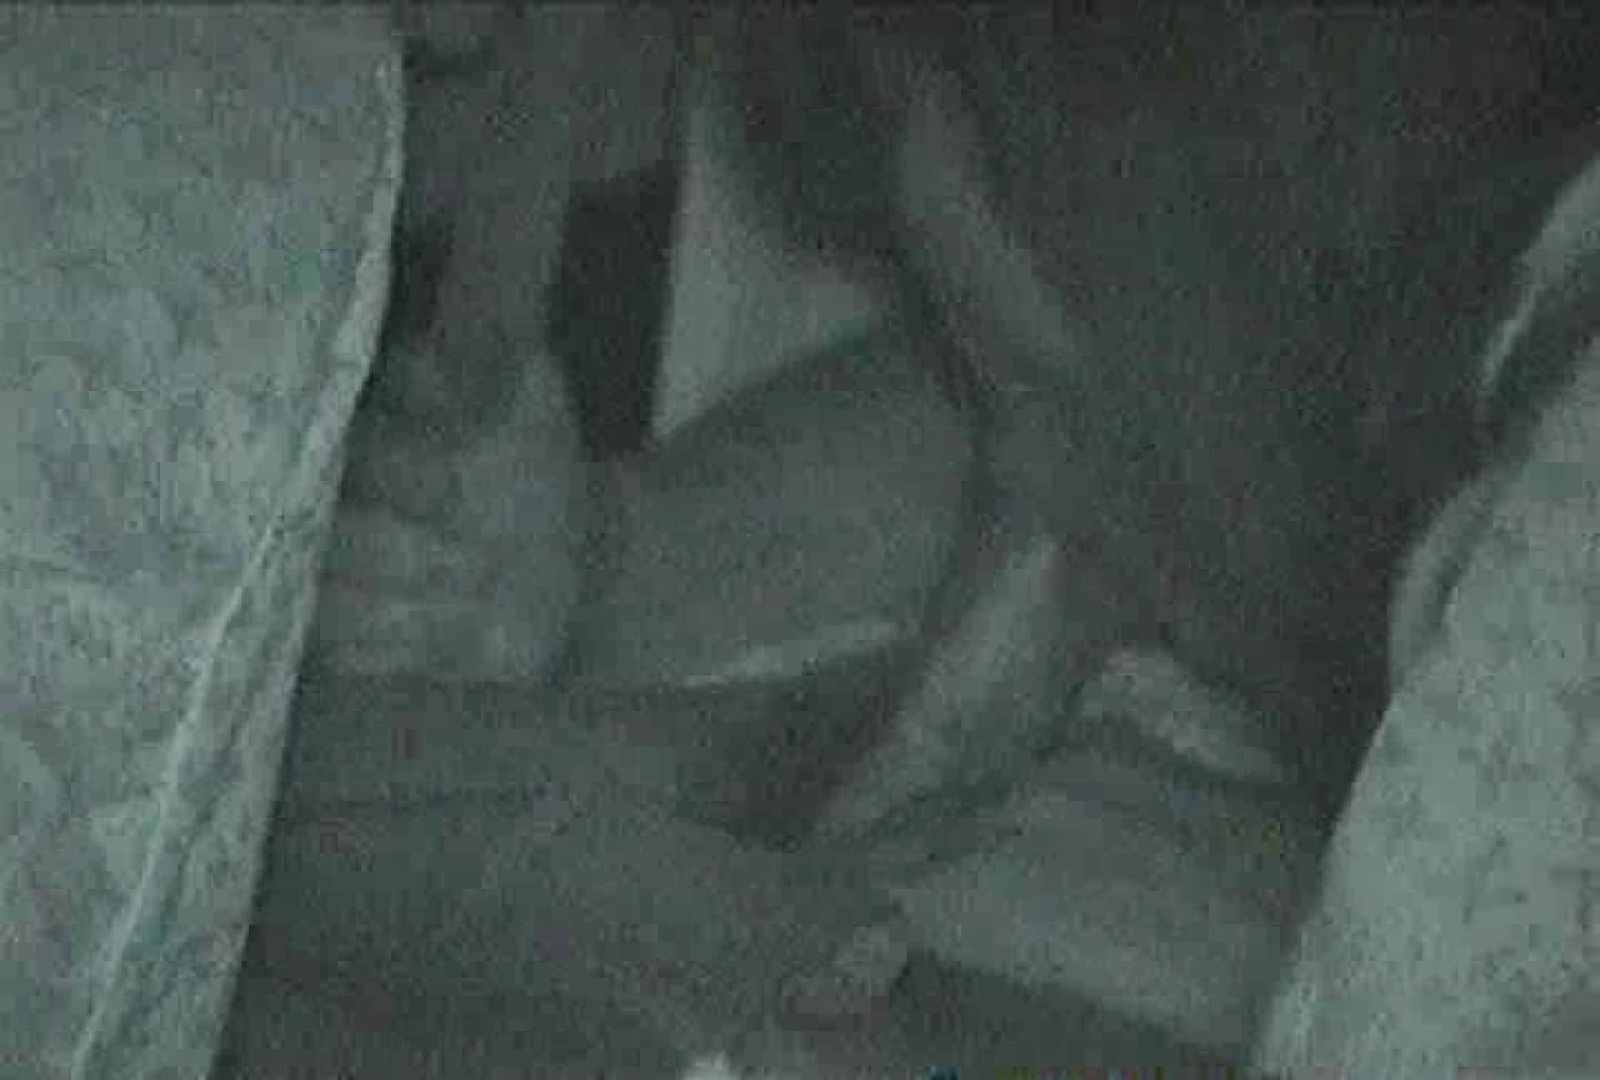 充血監督の深夜の運動会Vol.99 ギャルのエロ動画 | カップル盗撮  87画像 45